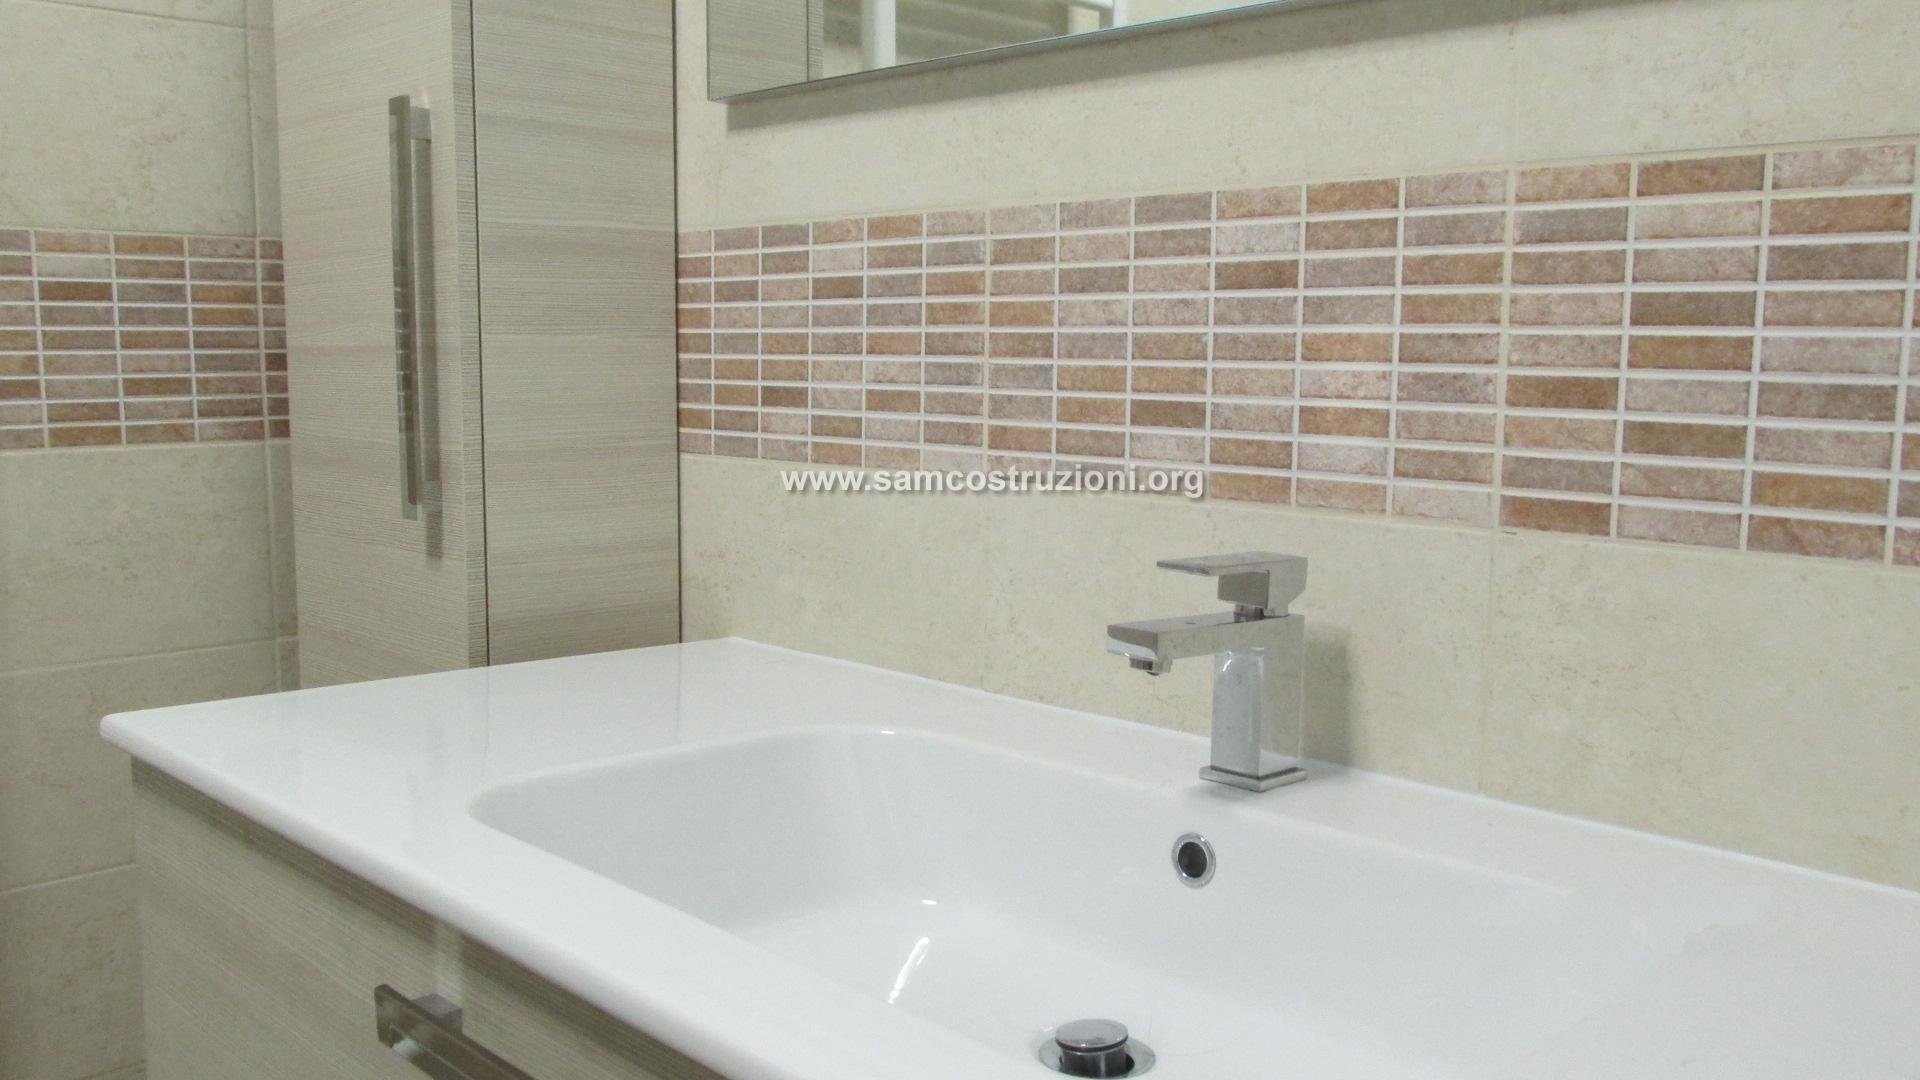 Come ristrutturare un bagno piccolo prontopro - Immagini piastrelle bagno ...